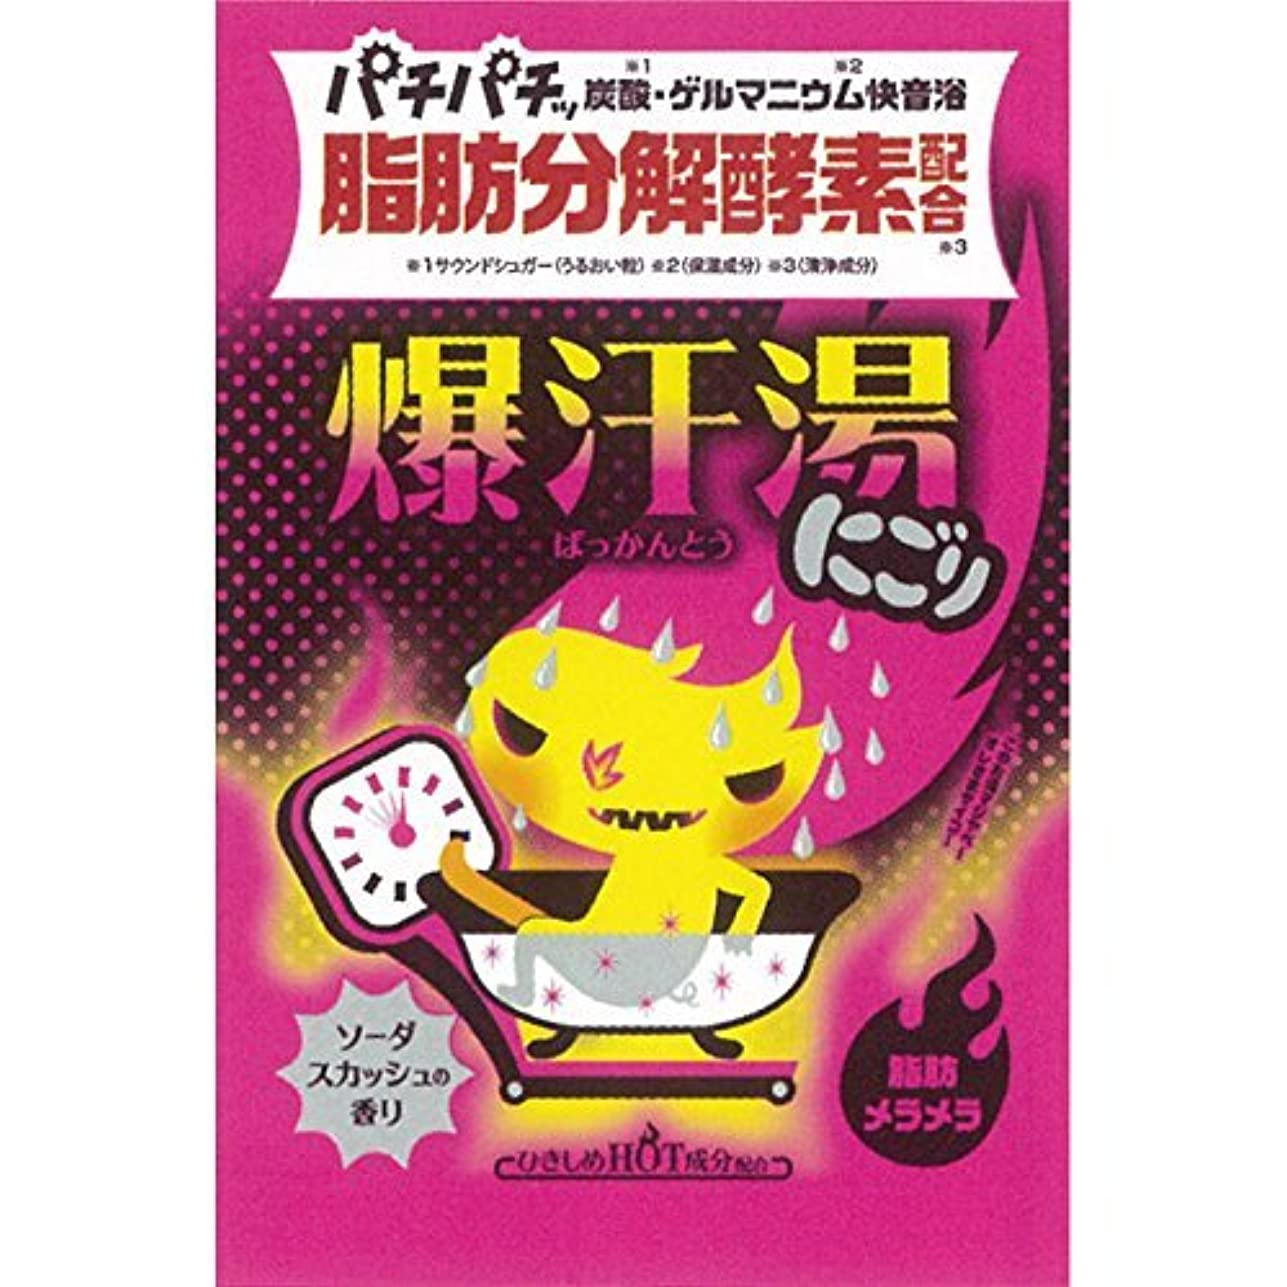 渦基本的な読書爆汗湯 ゲルマニウム快音浴 にごり ソーダスカッシュの香り(入浴剤)